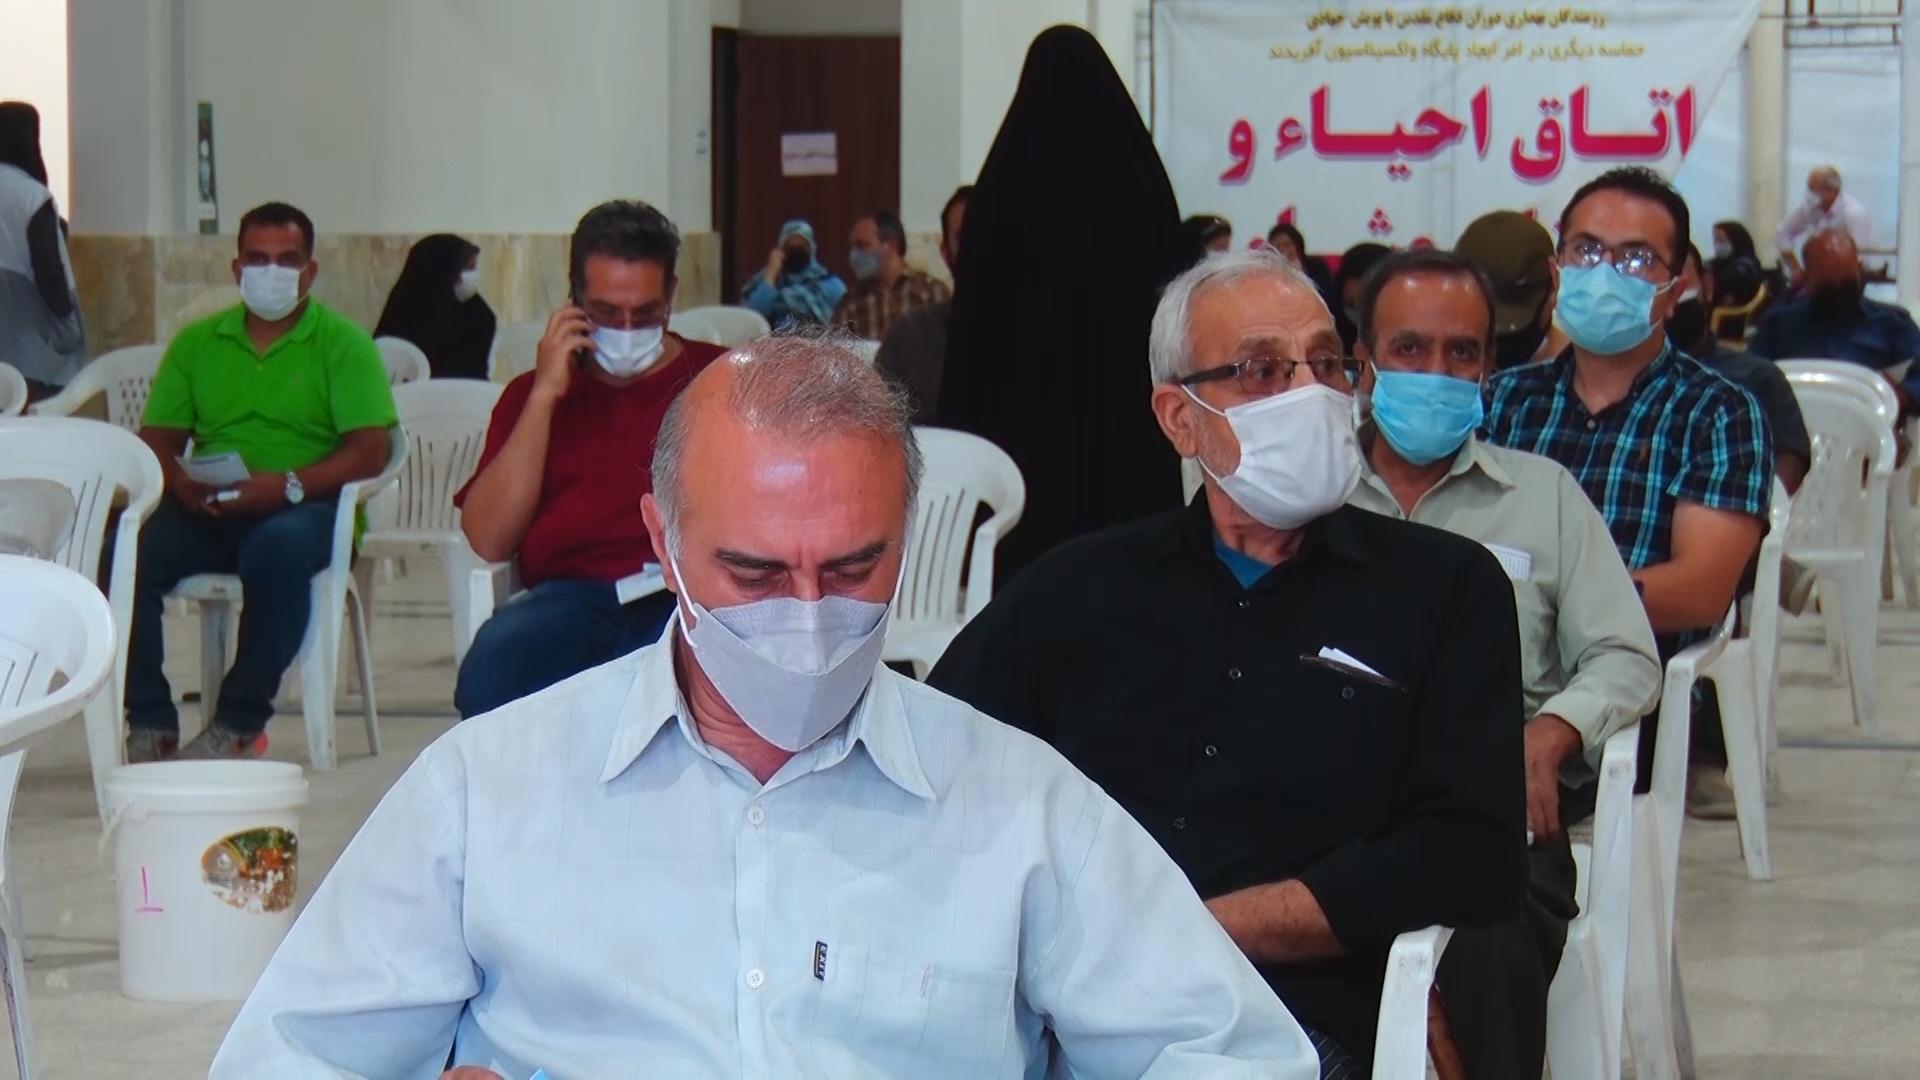 آغاز تزریق واکسن کرونای پاستور در اصفهان